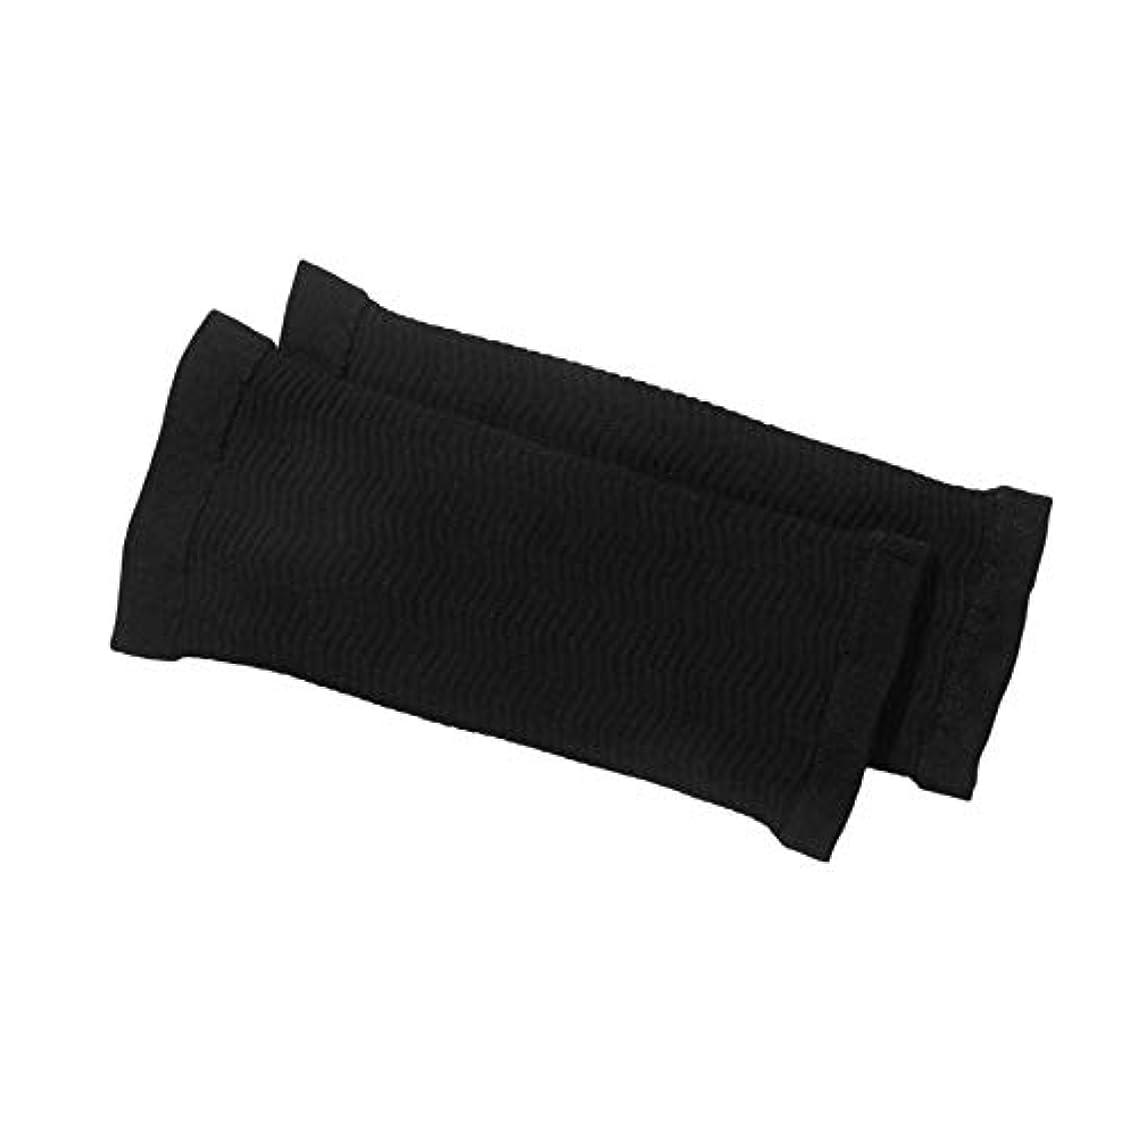 いっぱいスカルク技術的な1ペア420 d圧縮痩身アームスリーブワークアウトトーニングバーンセルライトシェイパー脂肪燃焼袖用女性